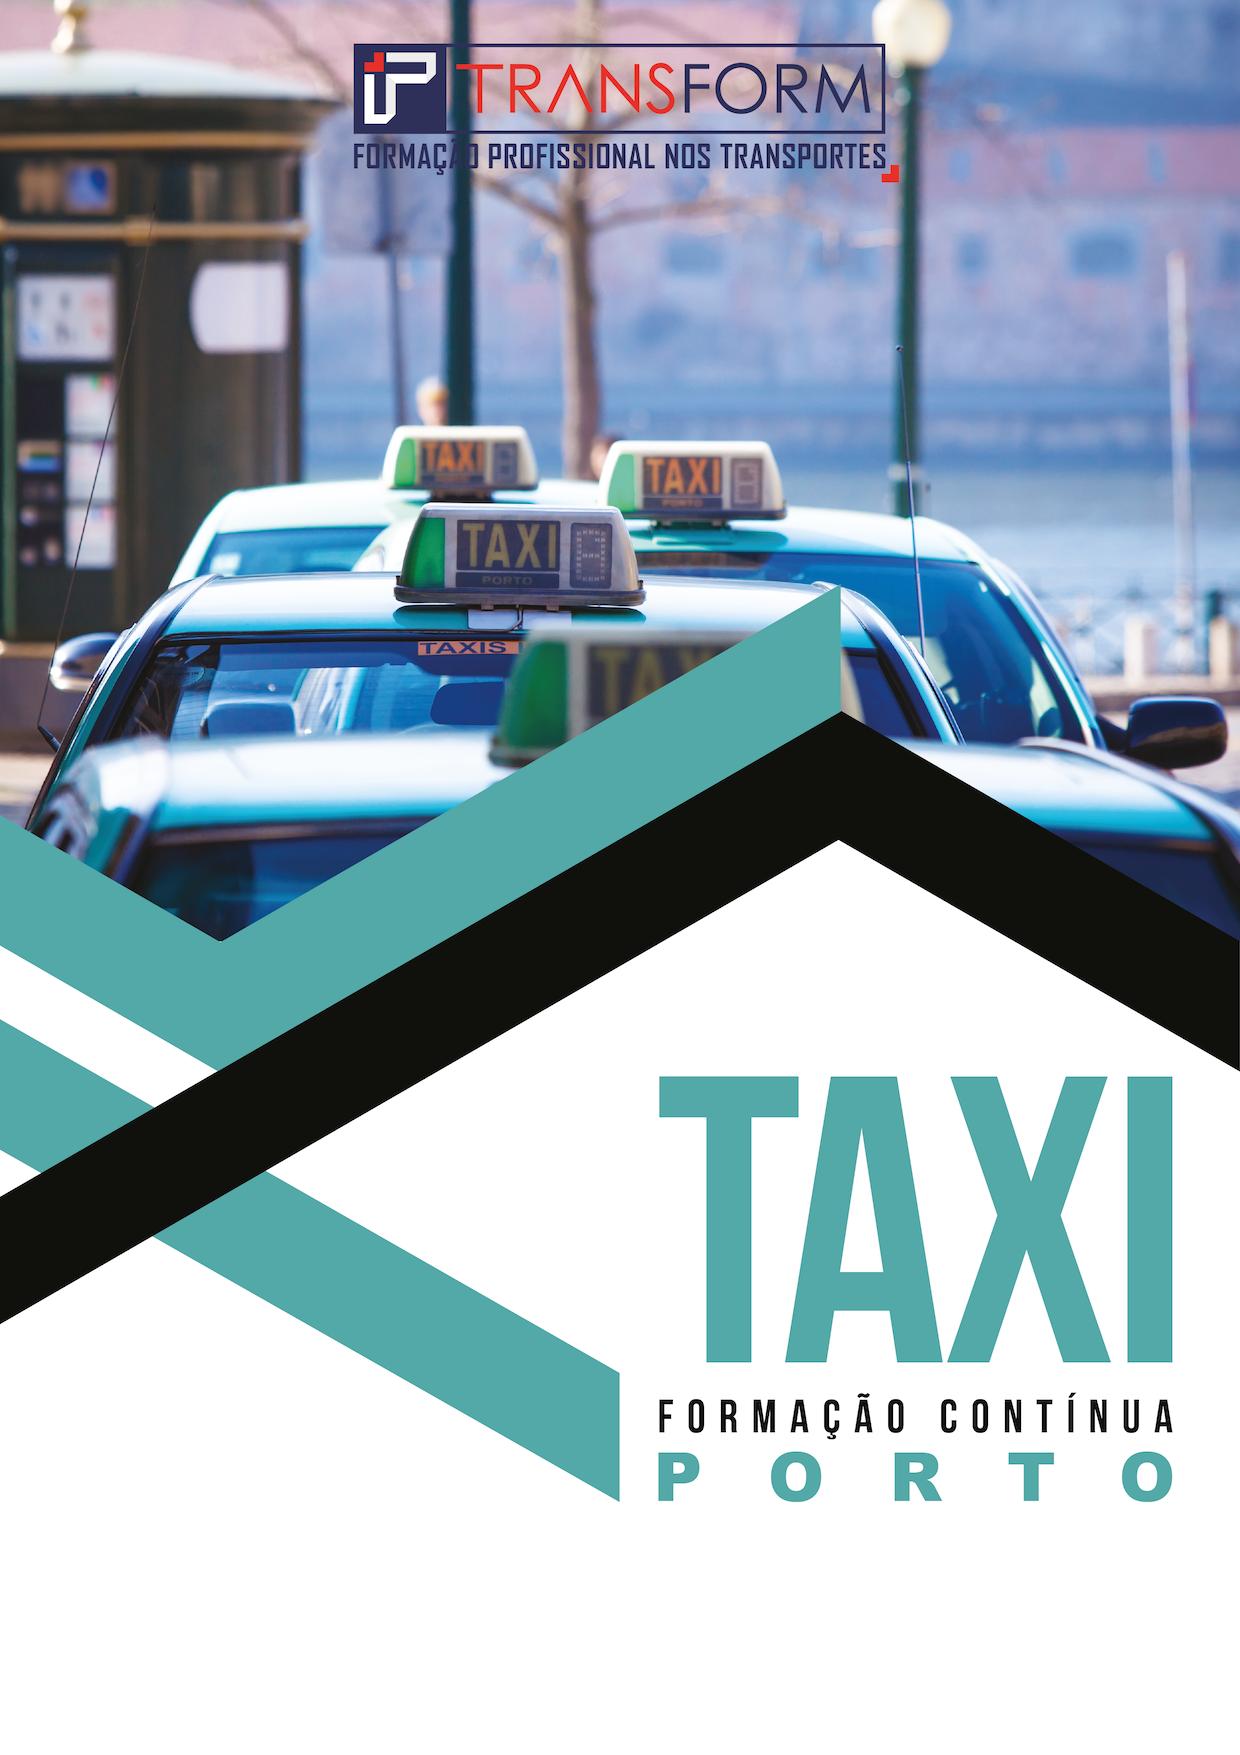 CMT - Certificação de Motorista de Táxi - Formação Contínua Ação 2